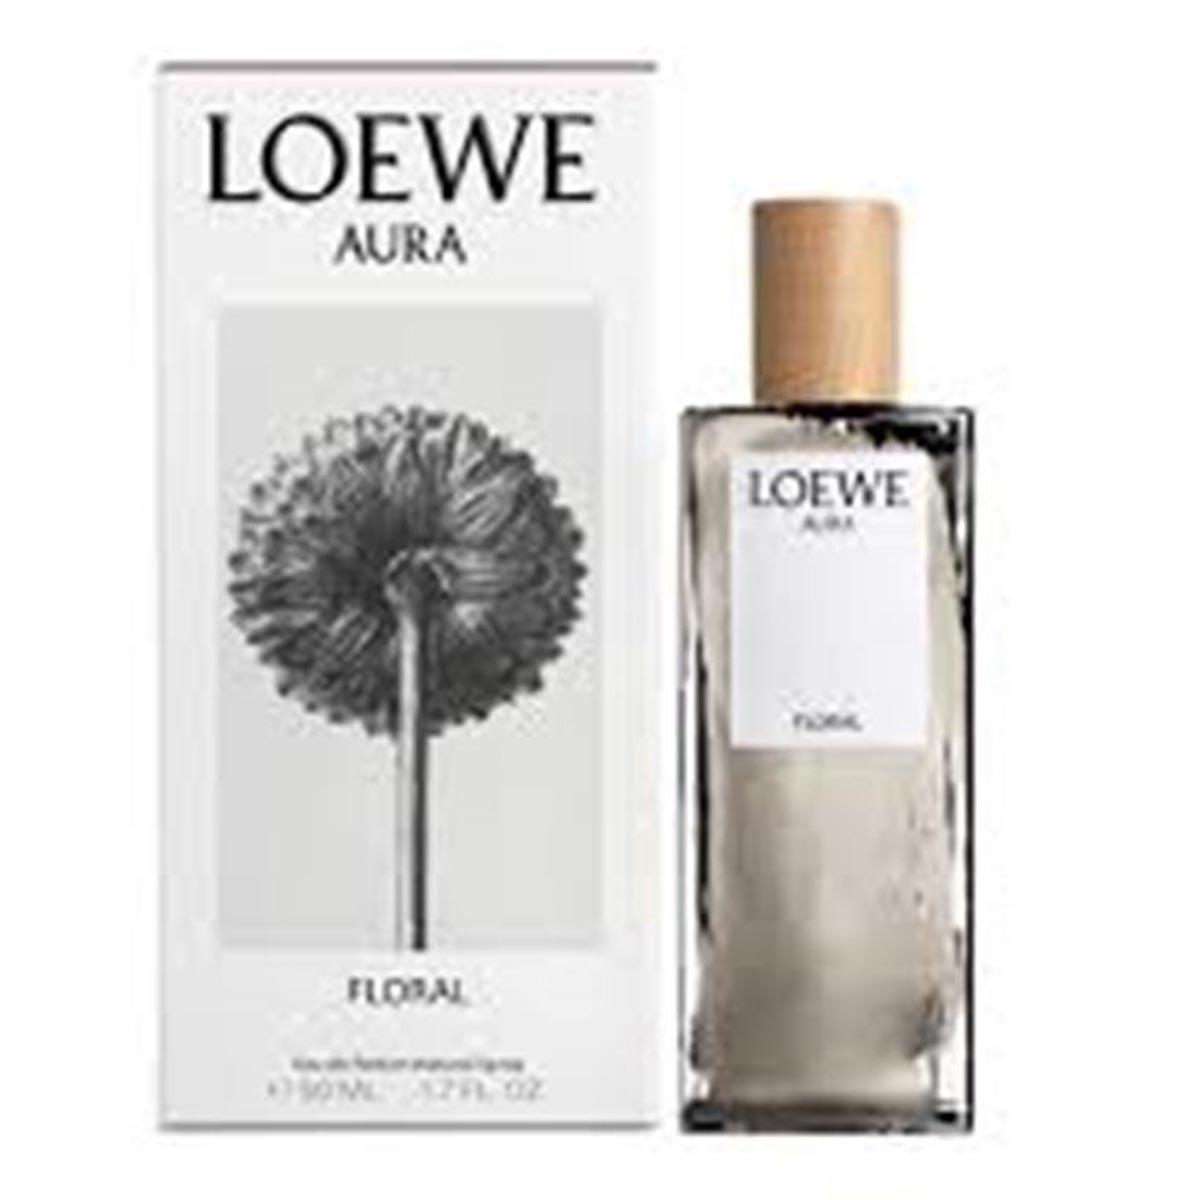 Loewe aura floral eau de parfum 50ml